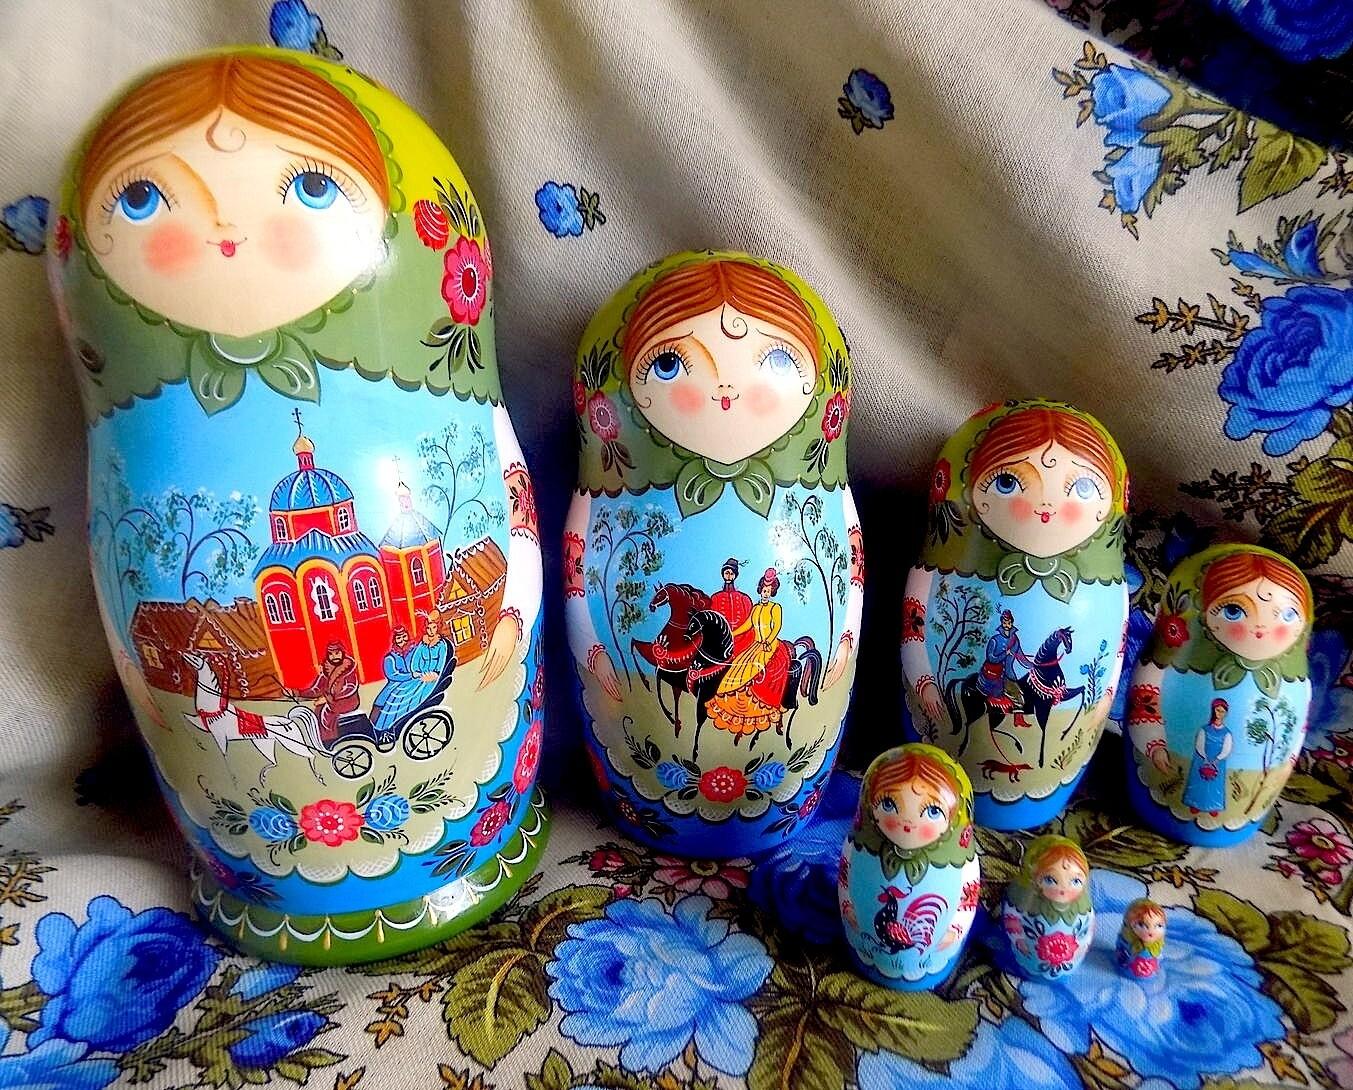 Матрёшка городецкая с сюжетом авторская 7 кукол